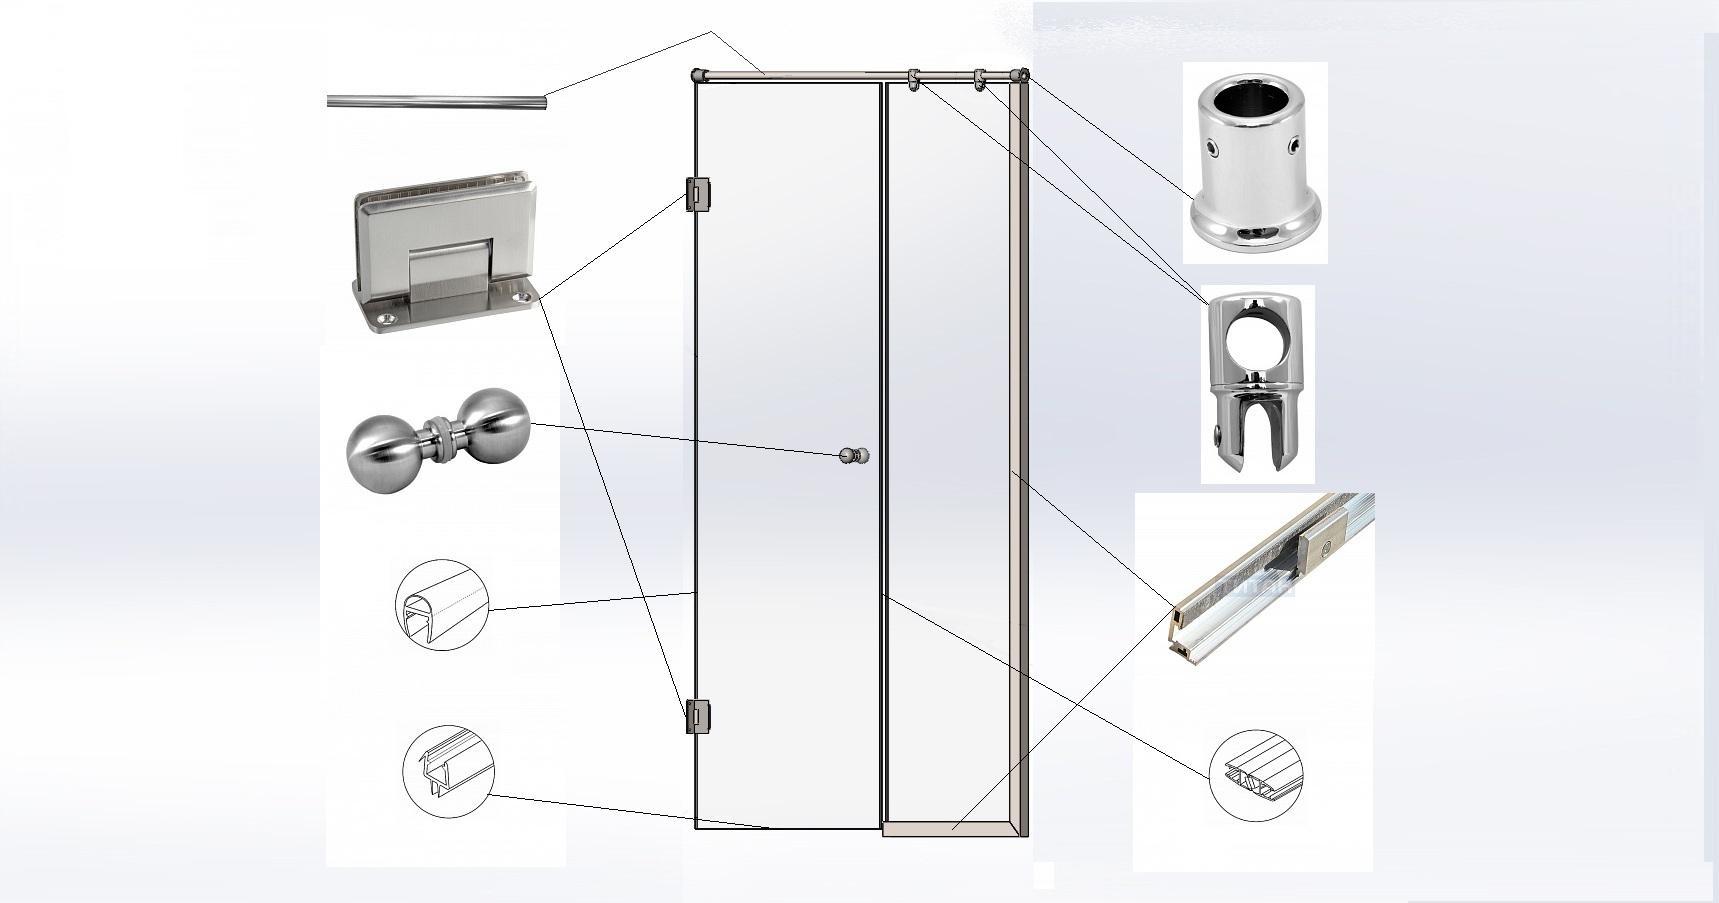 Ролики для душевых кабин: чем можно смазать колеса, установка комплекта колесиков для двери